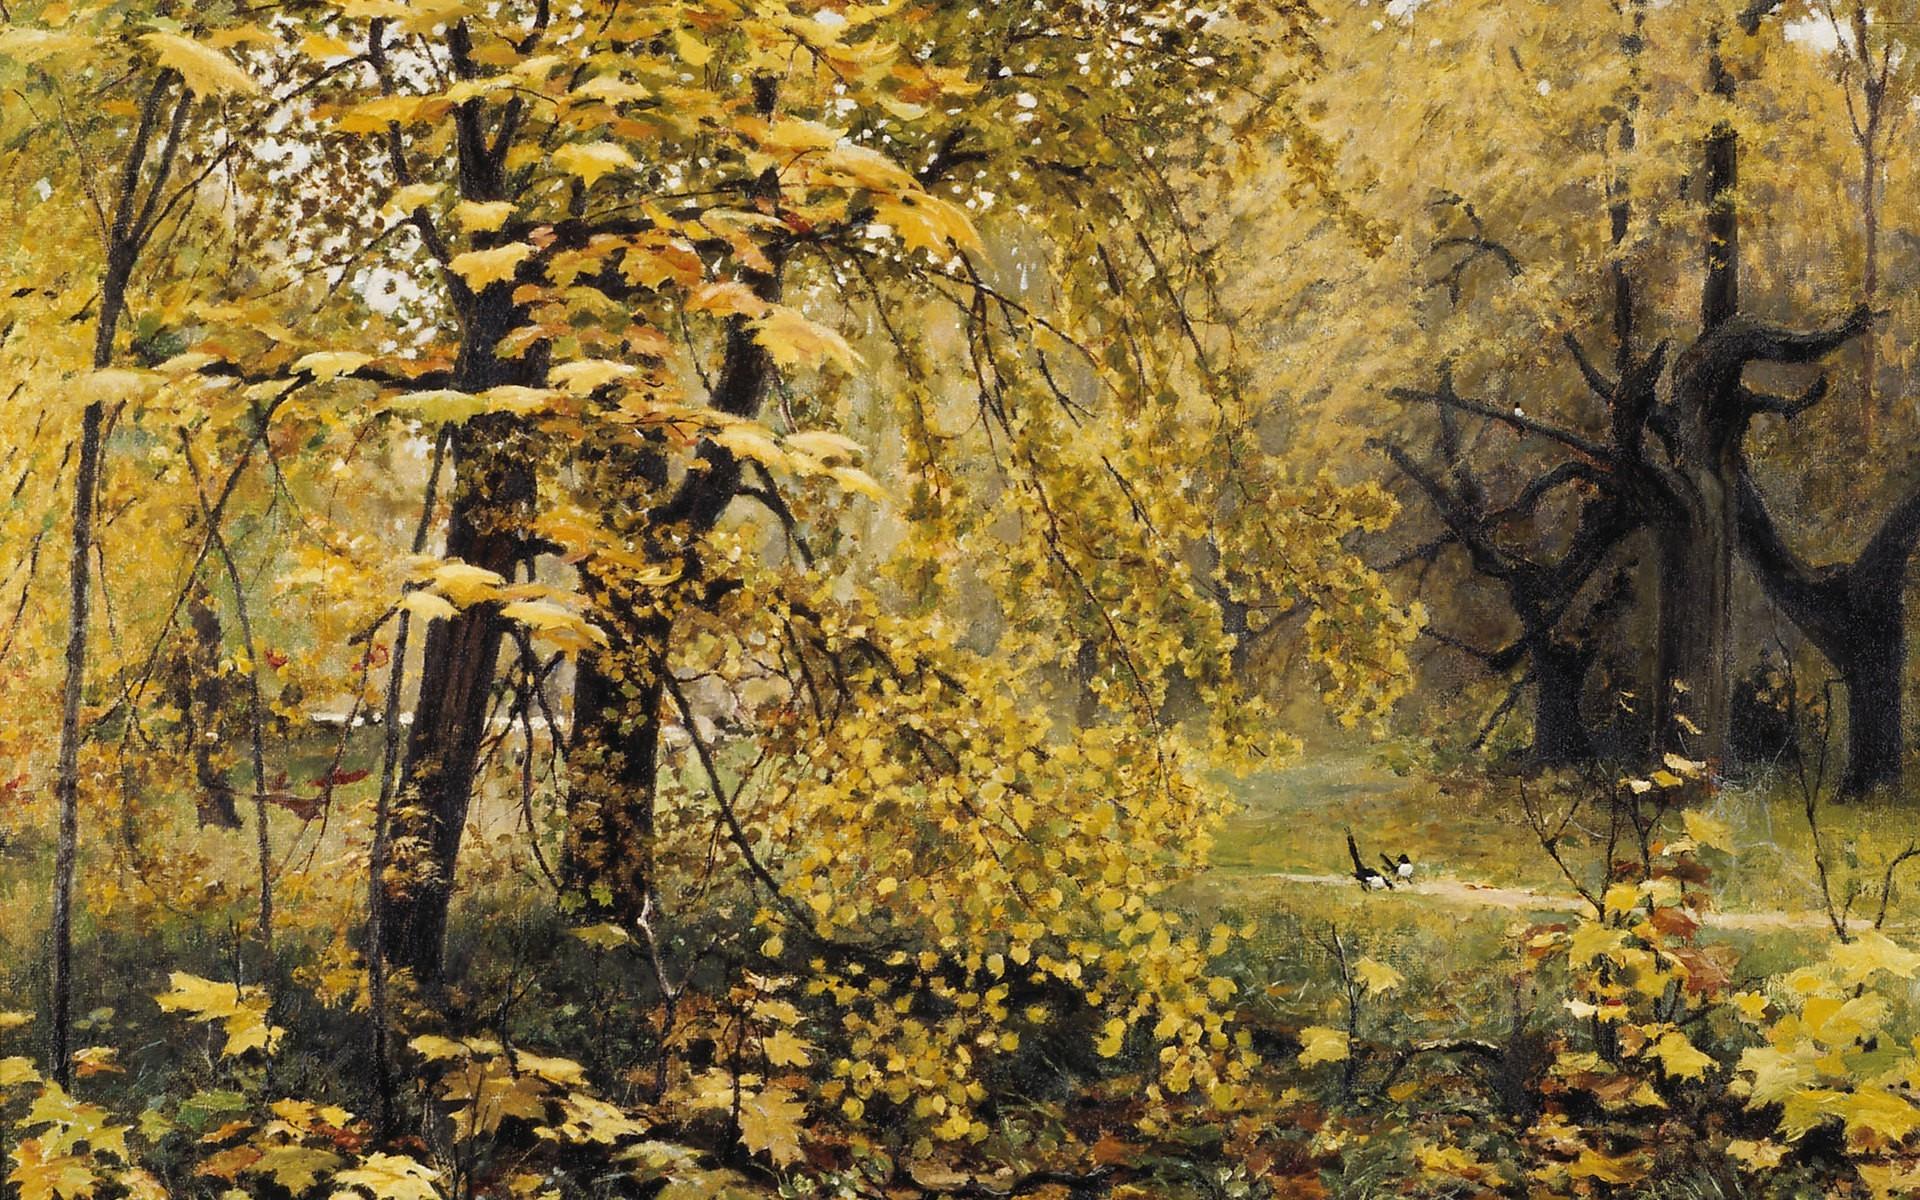 Masaüstü Güneş ışığı Boyama Orman şube Sarı Huş Ağacı Ağaç